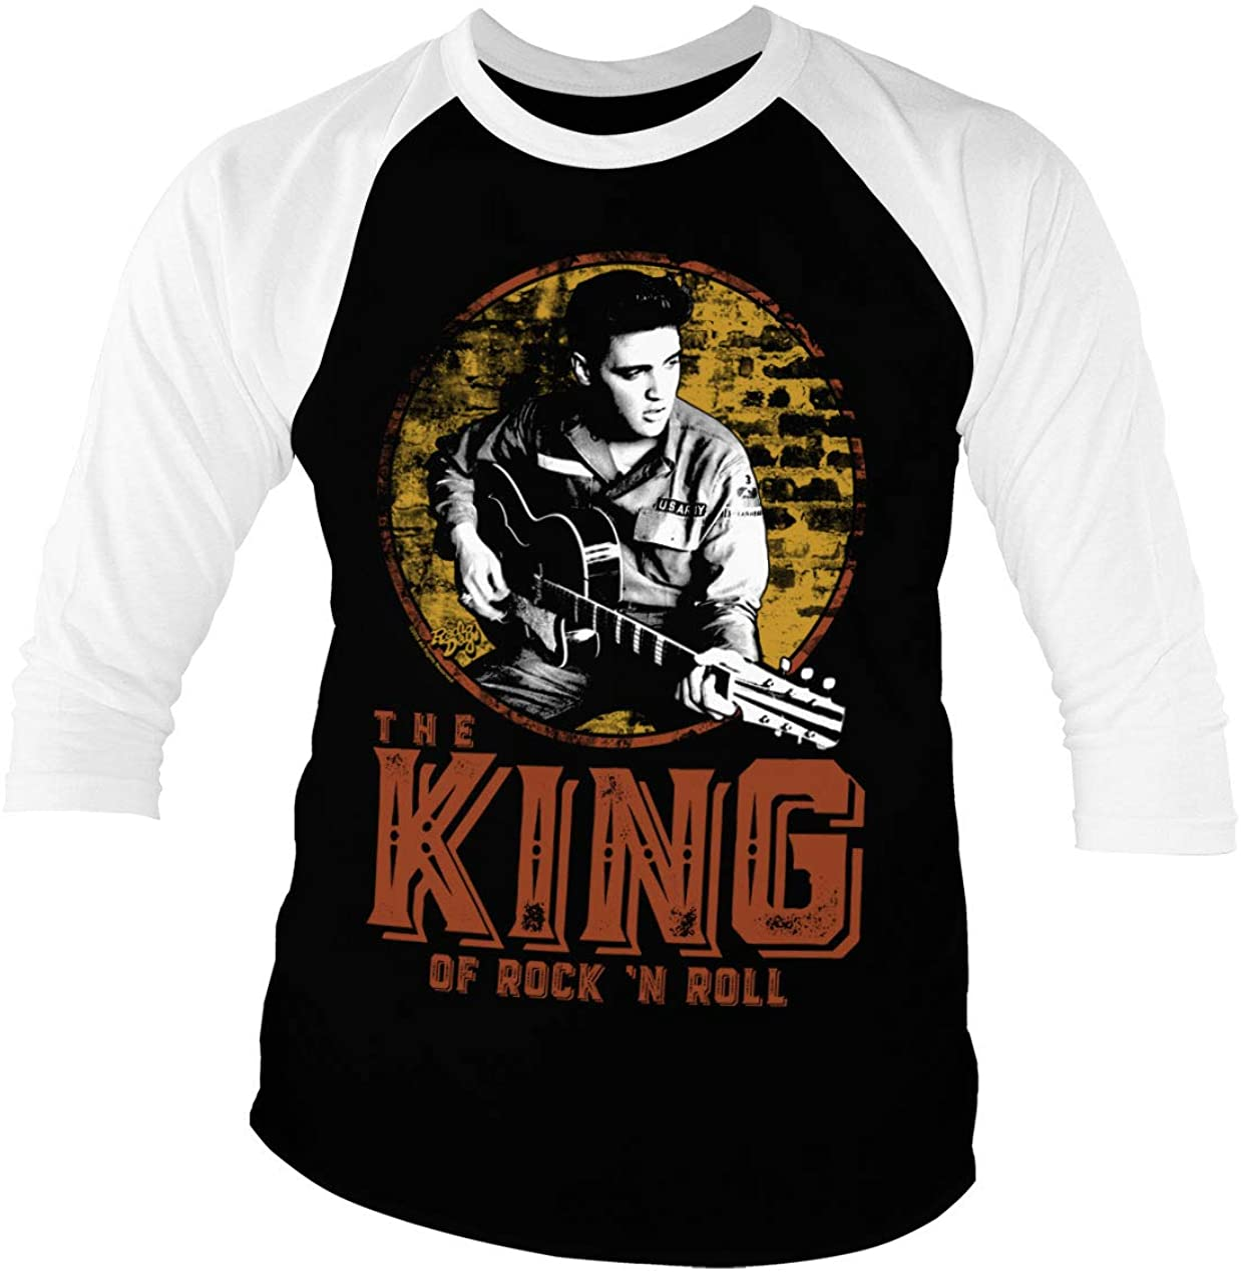 ELVIS PRESLEY Licenciado Oficialmente The King of Rock n Roll Baseball Camisa de Manga 3/4 para Hombre (Negro-Blanco): Amazon.es: Ropa y accesorios